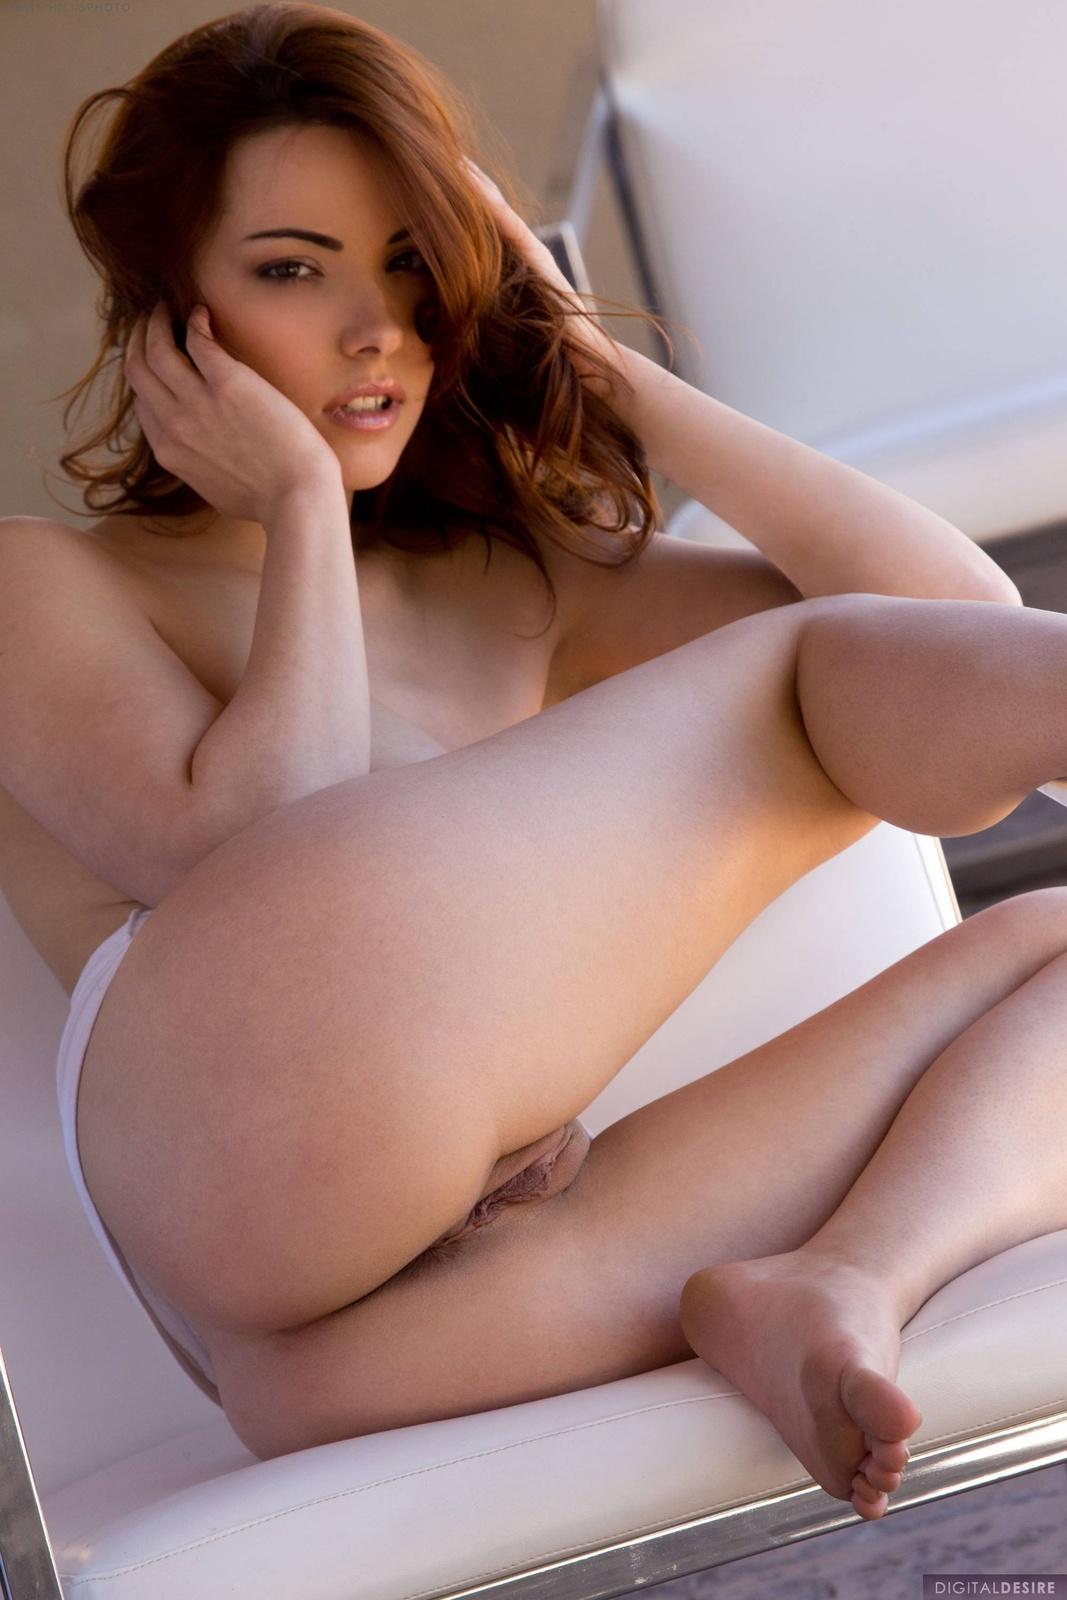 Порно фото Phoenix Marie из  Лос-Анджелеса